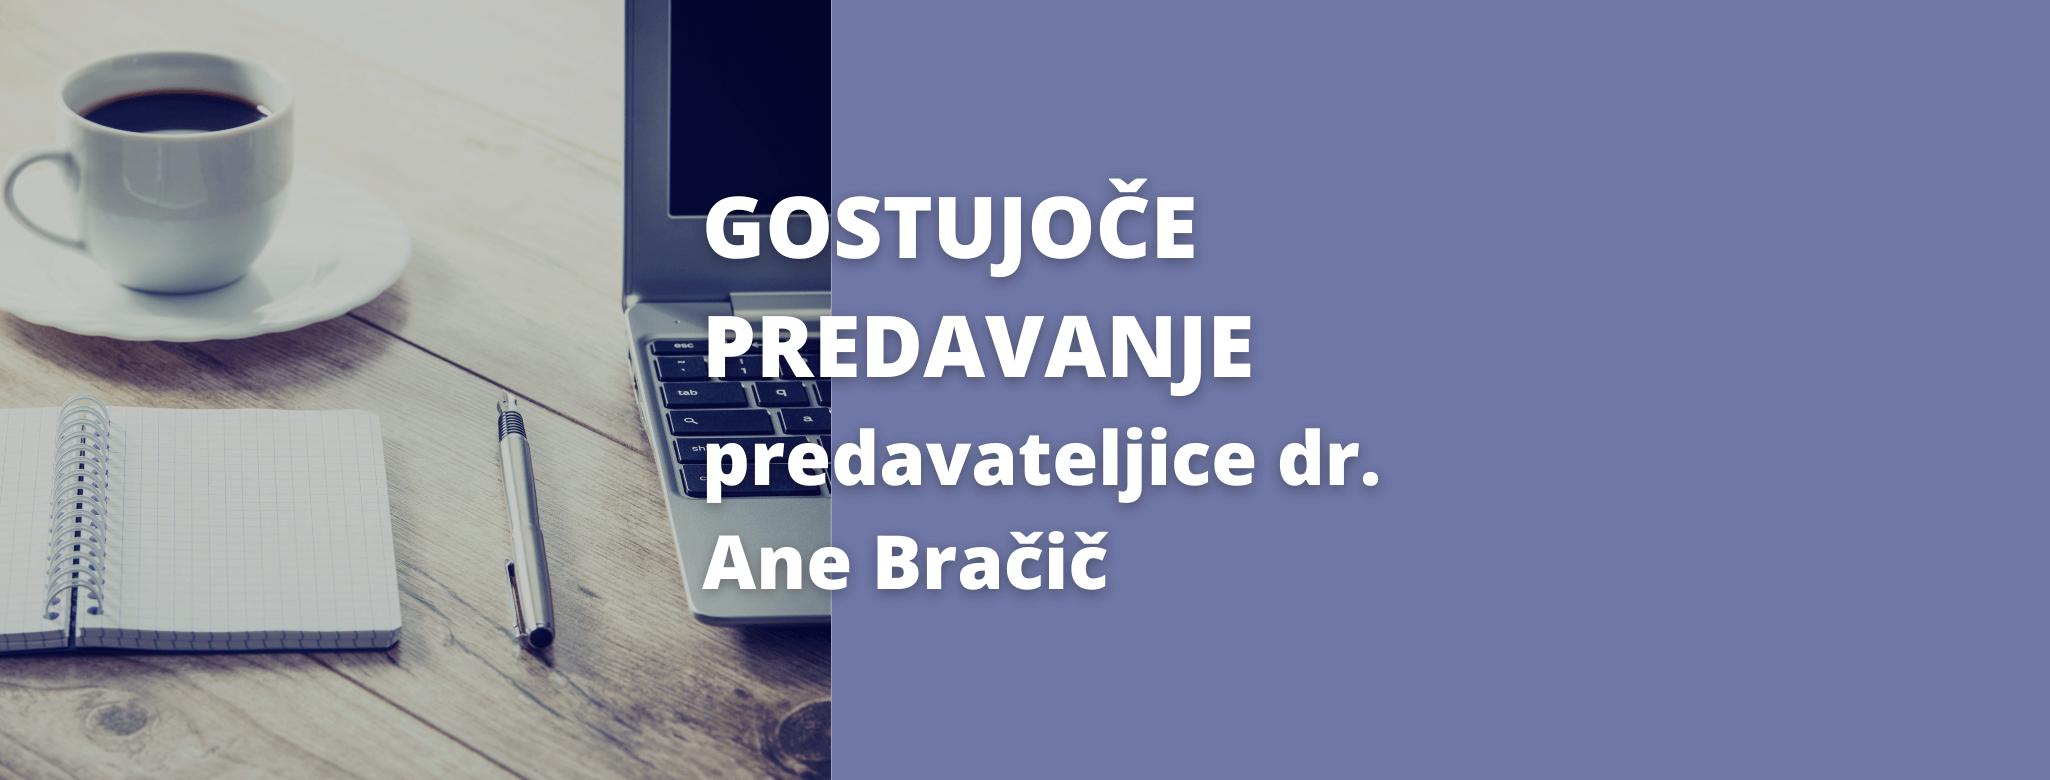 Vabilo na predavanje gostujoče predavateljice dr. Ane Bračič